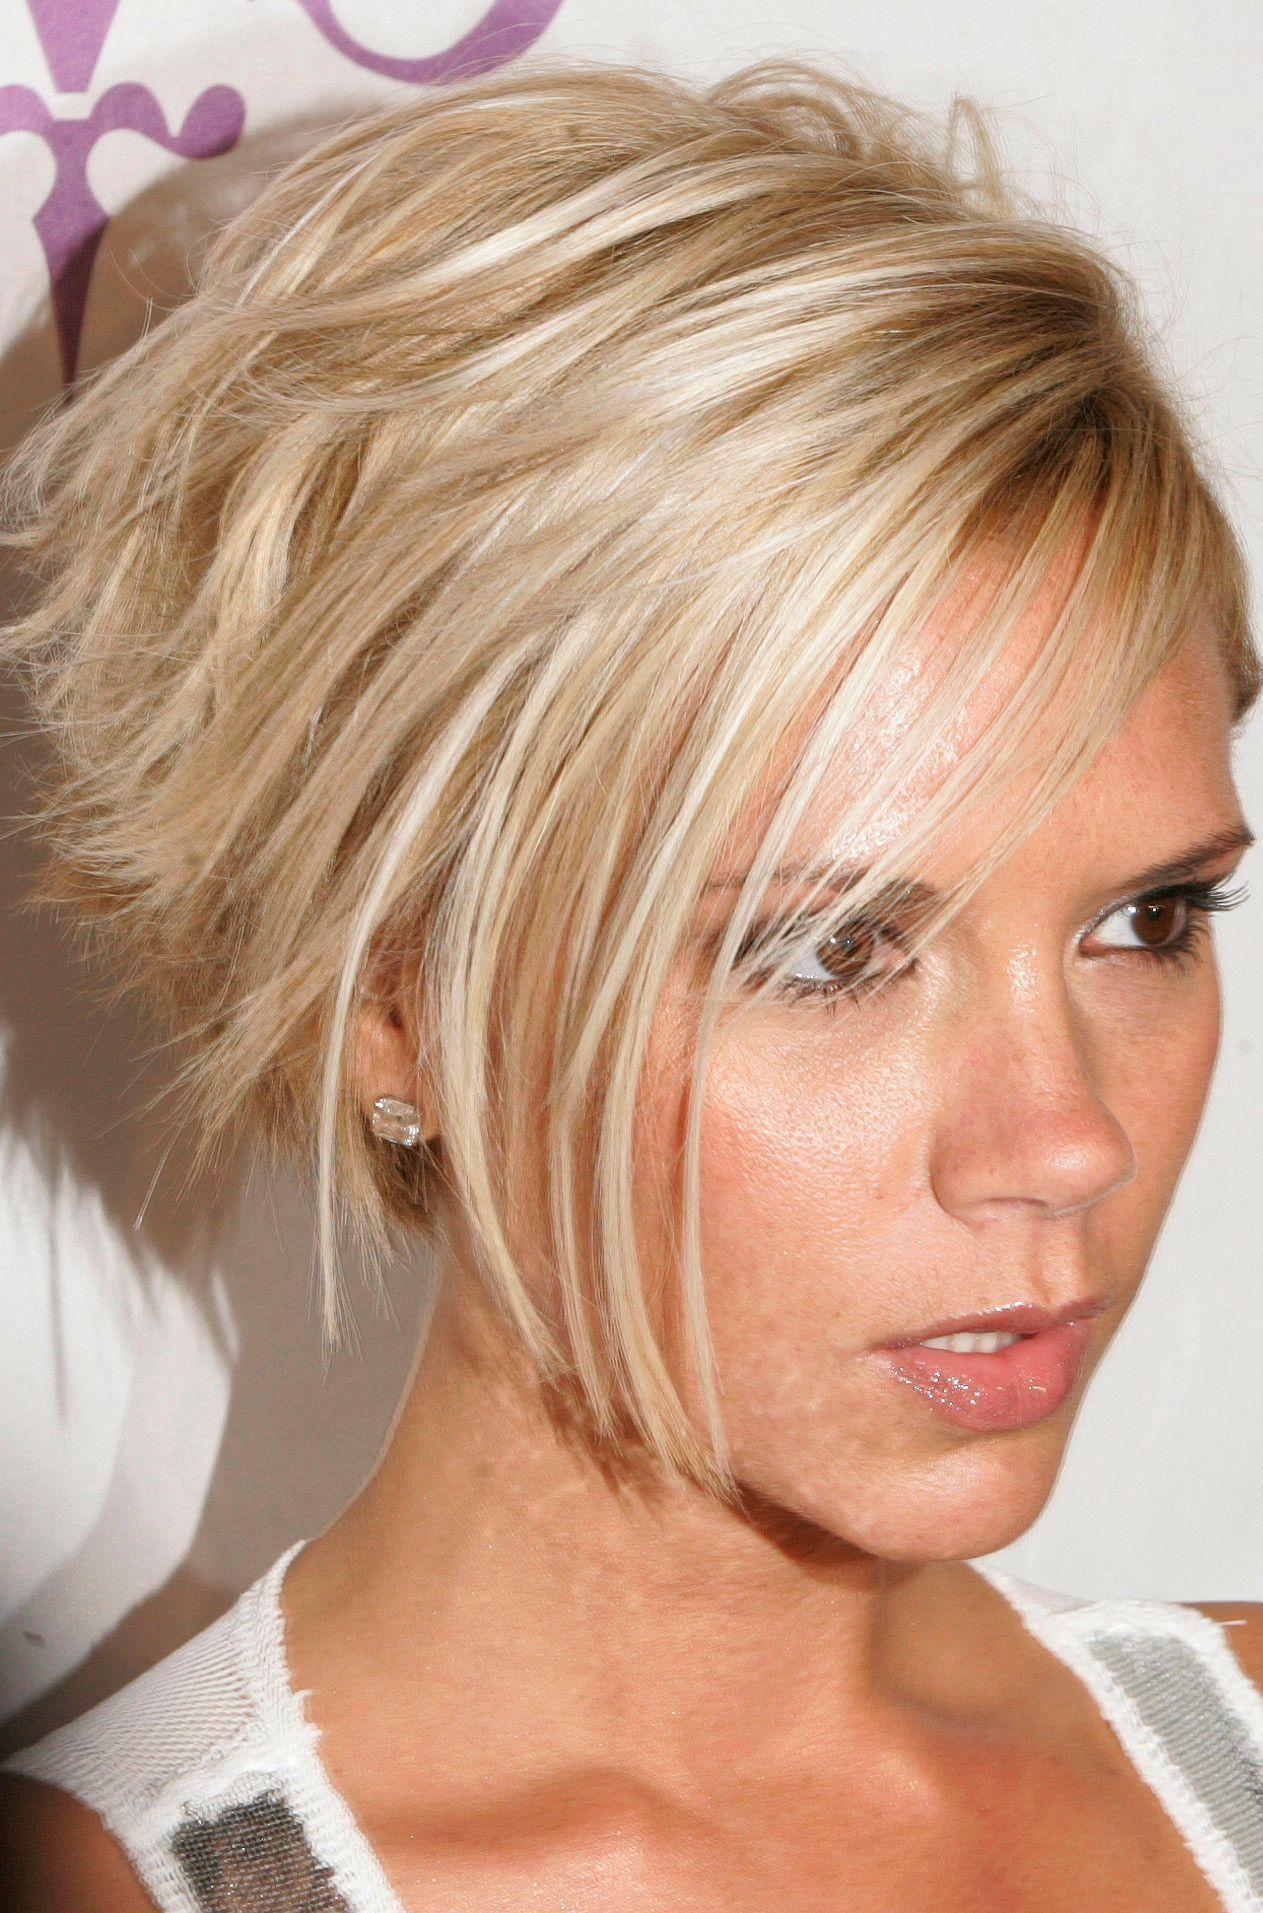 6 Coupe Courte Blonde Victoria Beckham Dernier En Images Coiffures